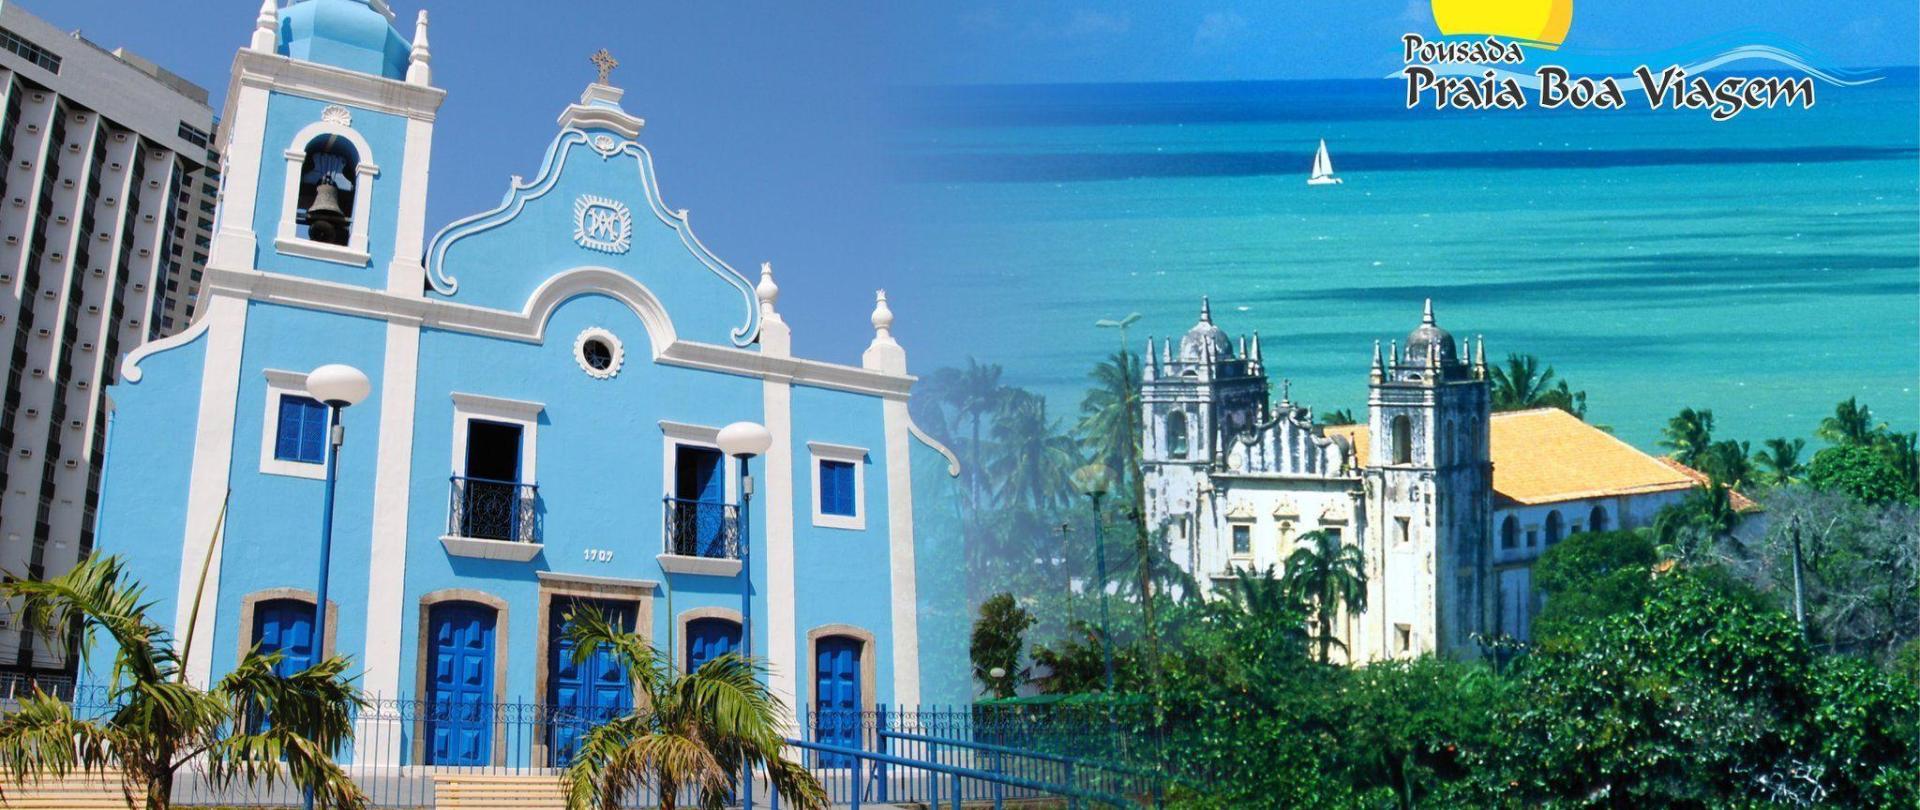 Homenagem Recife e Olinda